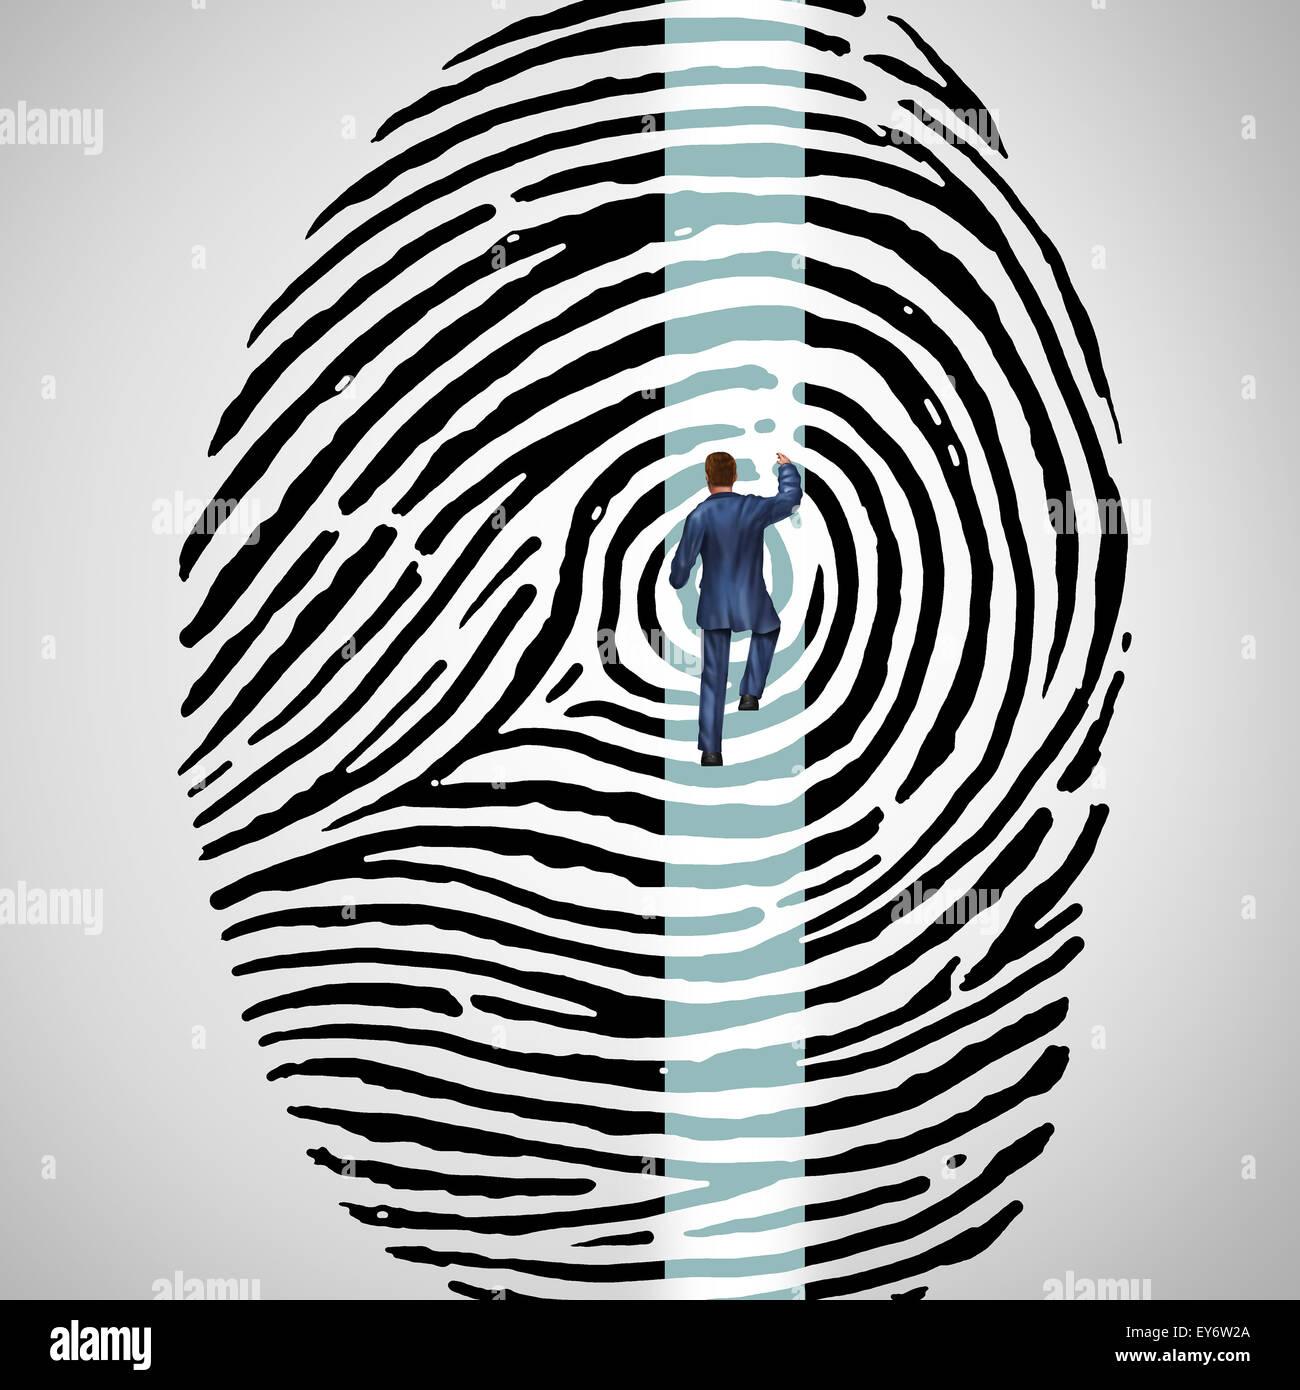 Sicurezza personale concetto di sfida come una persona scalata di un dito o di stampa impronte digitali come una Immagini Stock